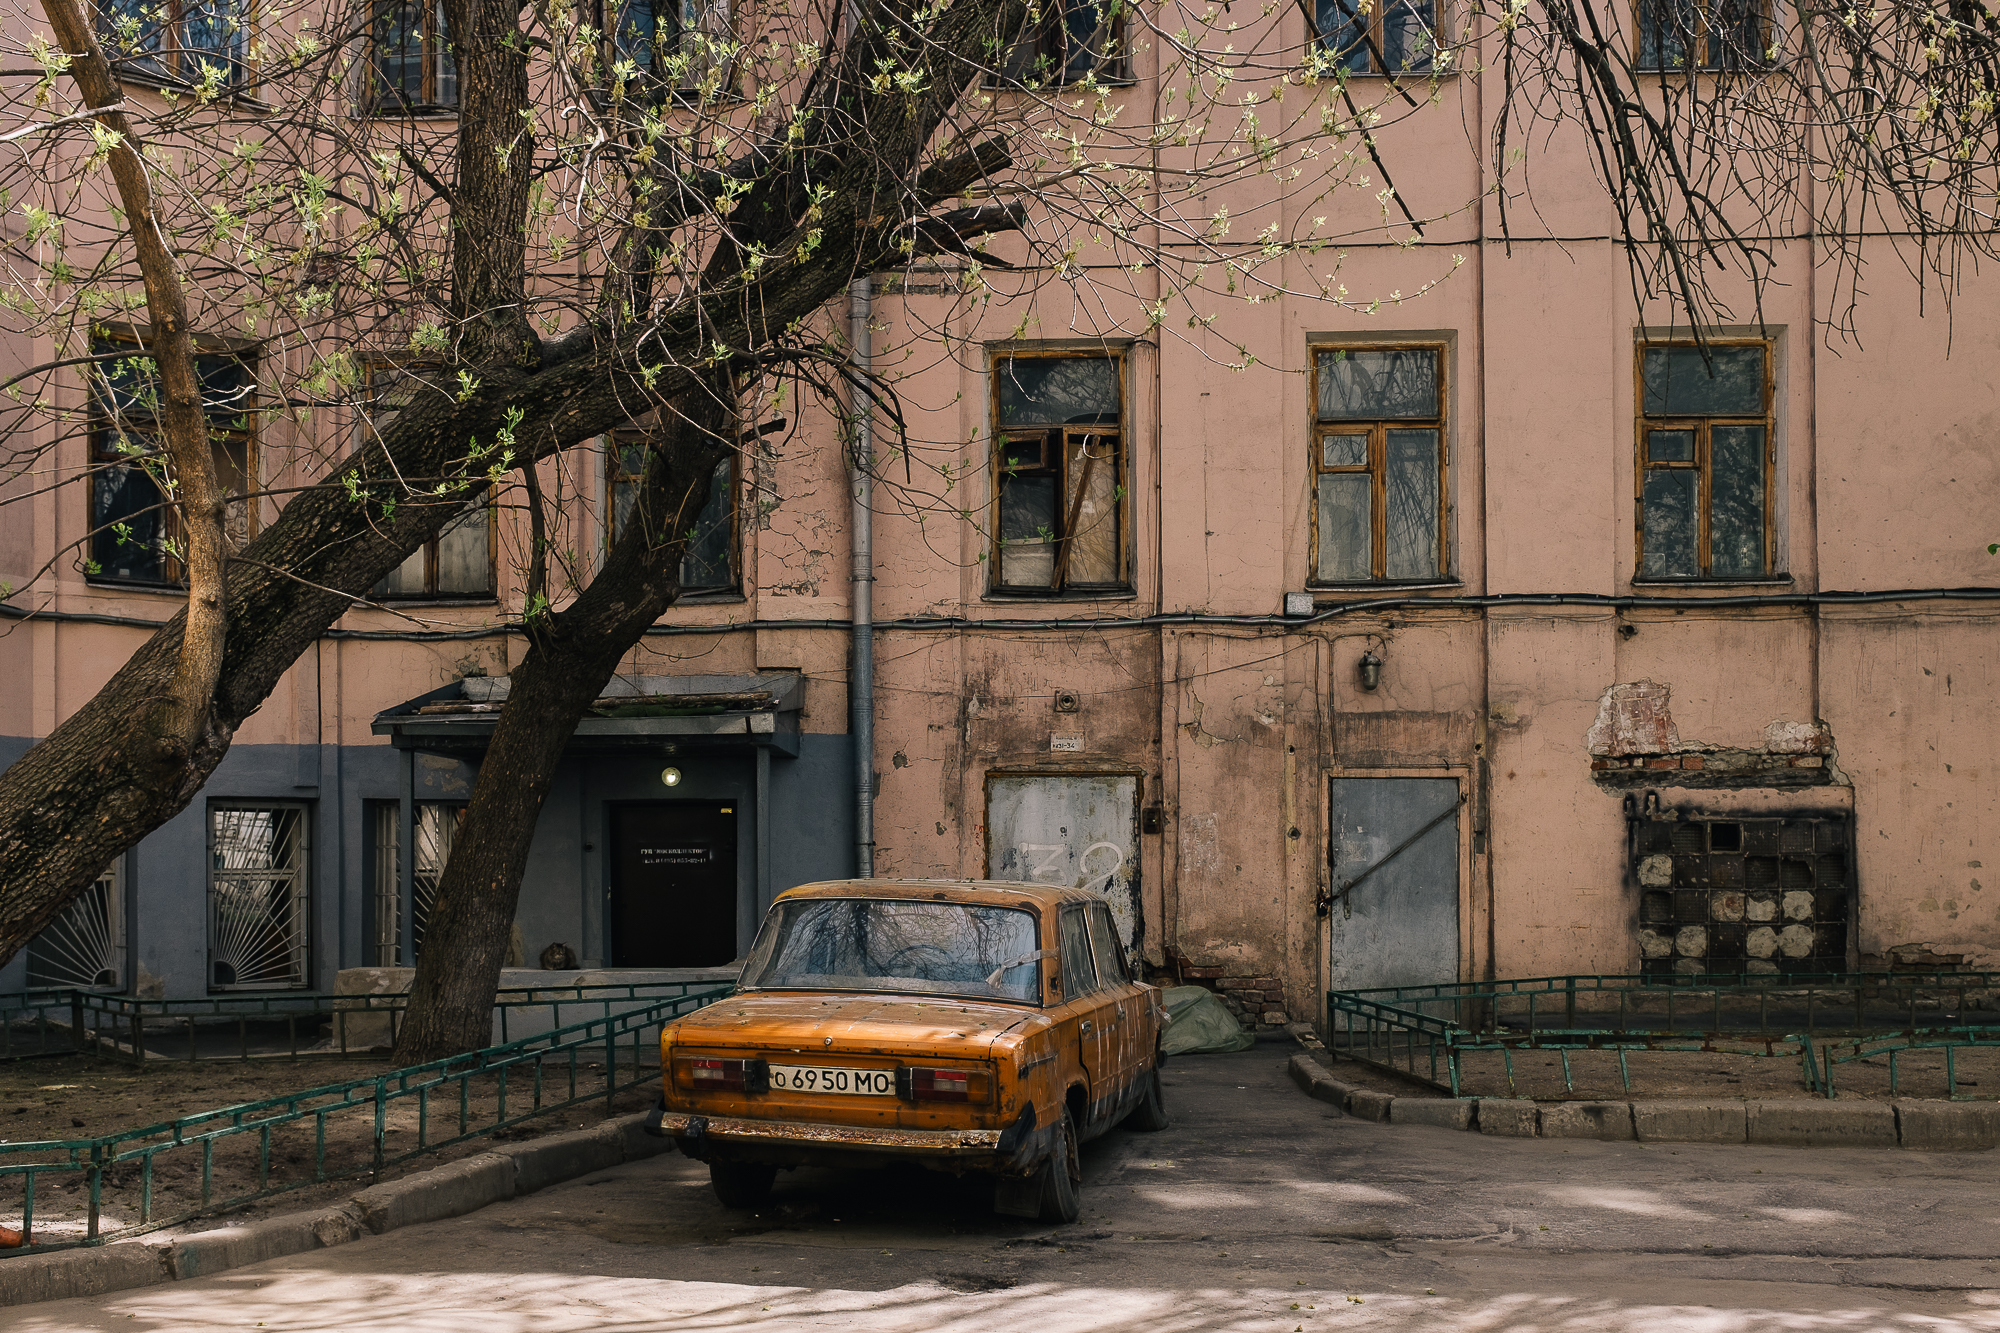 """Les modèles de la marque Moskvitch, voiture typique sous l'URSS, sont encore très présentes sur les routes du pays. Faute d'argent ou par amour pour la marque certains modèles sont """"modernisés"""" mais leur confort reste sommaire."""